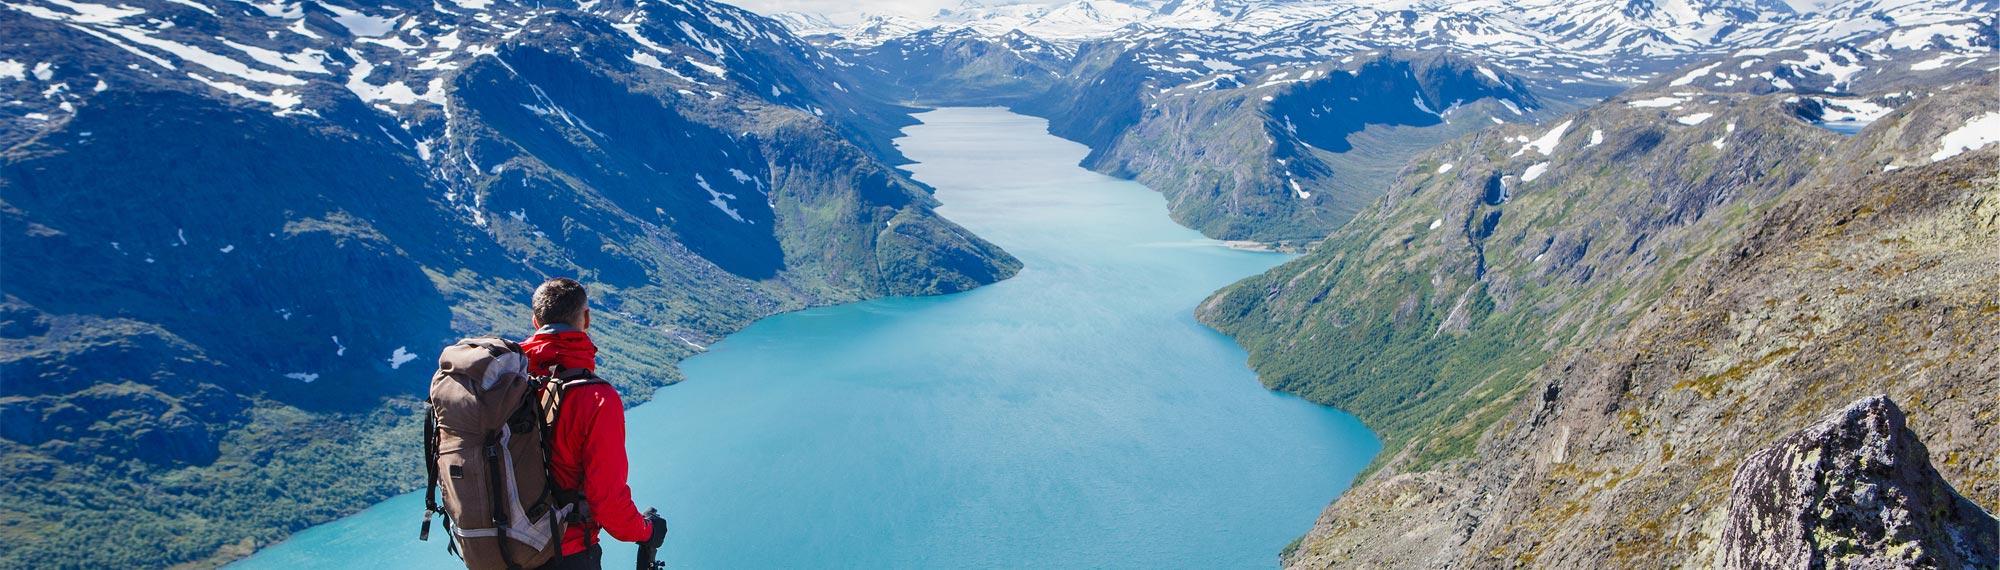 Wanderer genießt Ausblick auf See und Berge